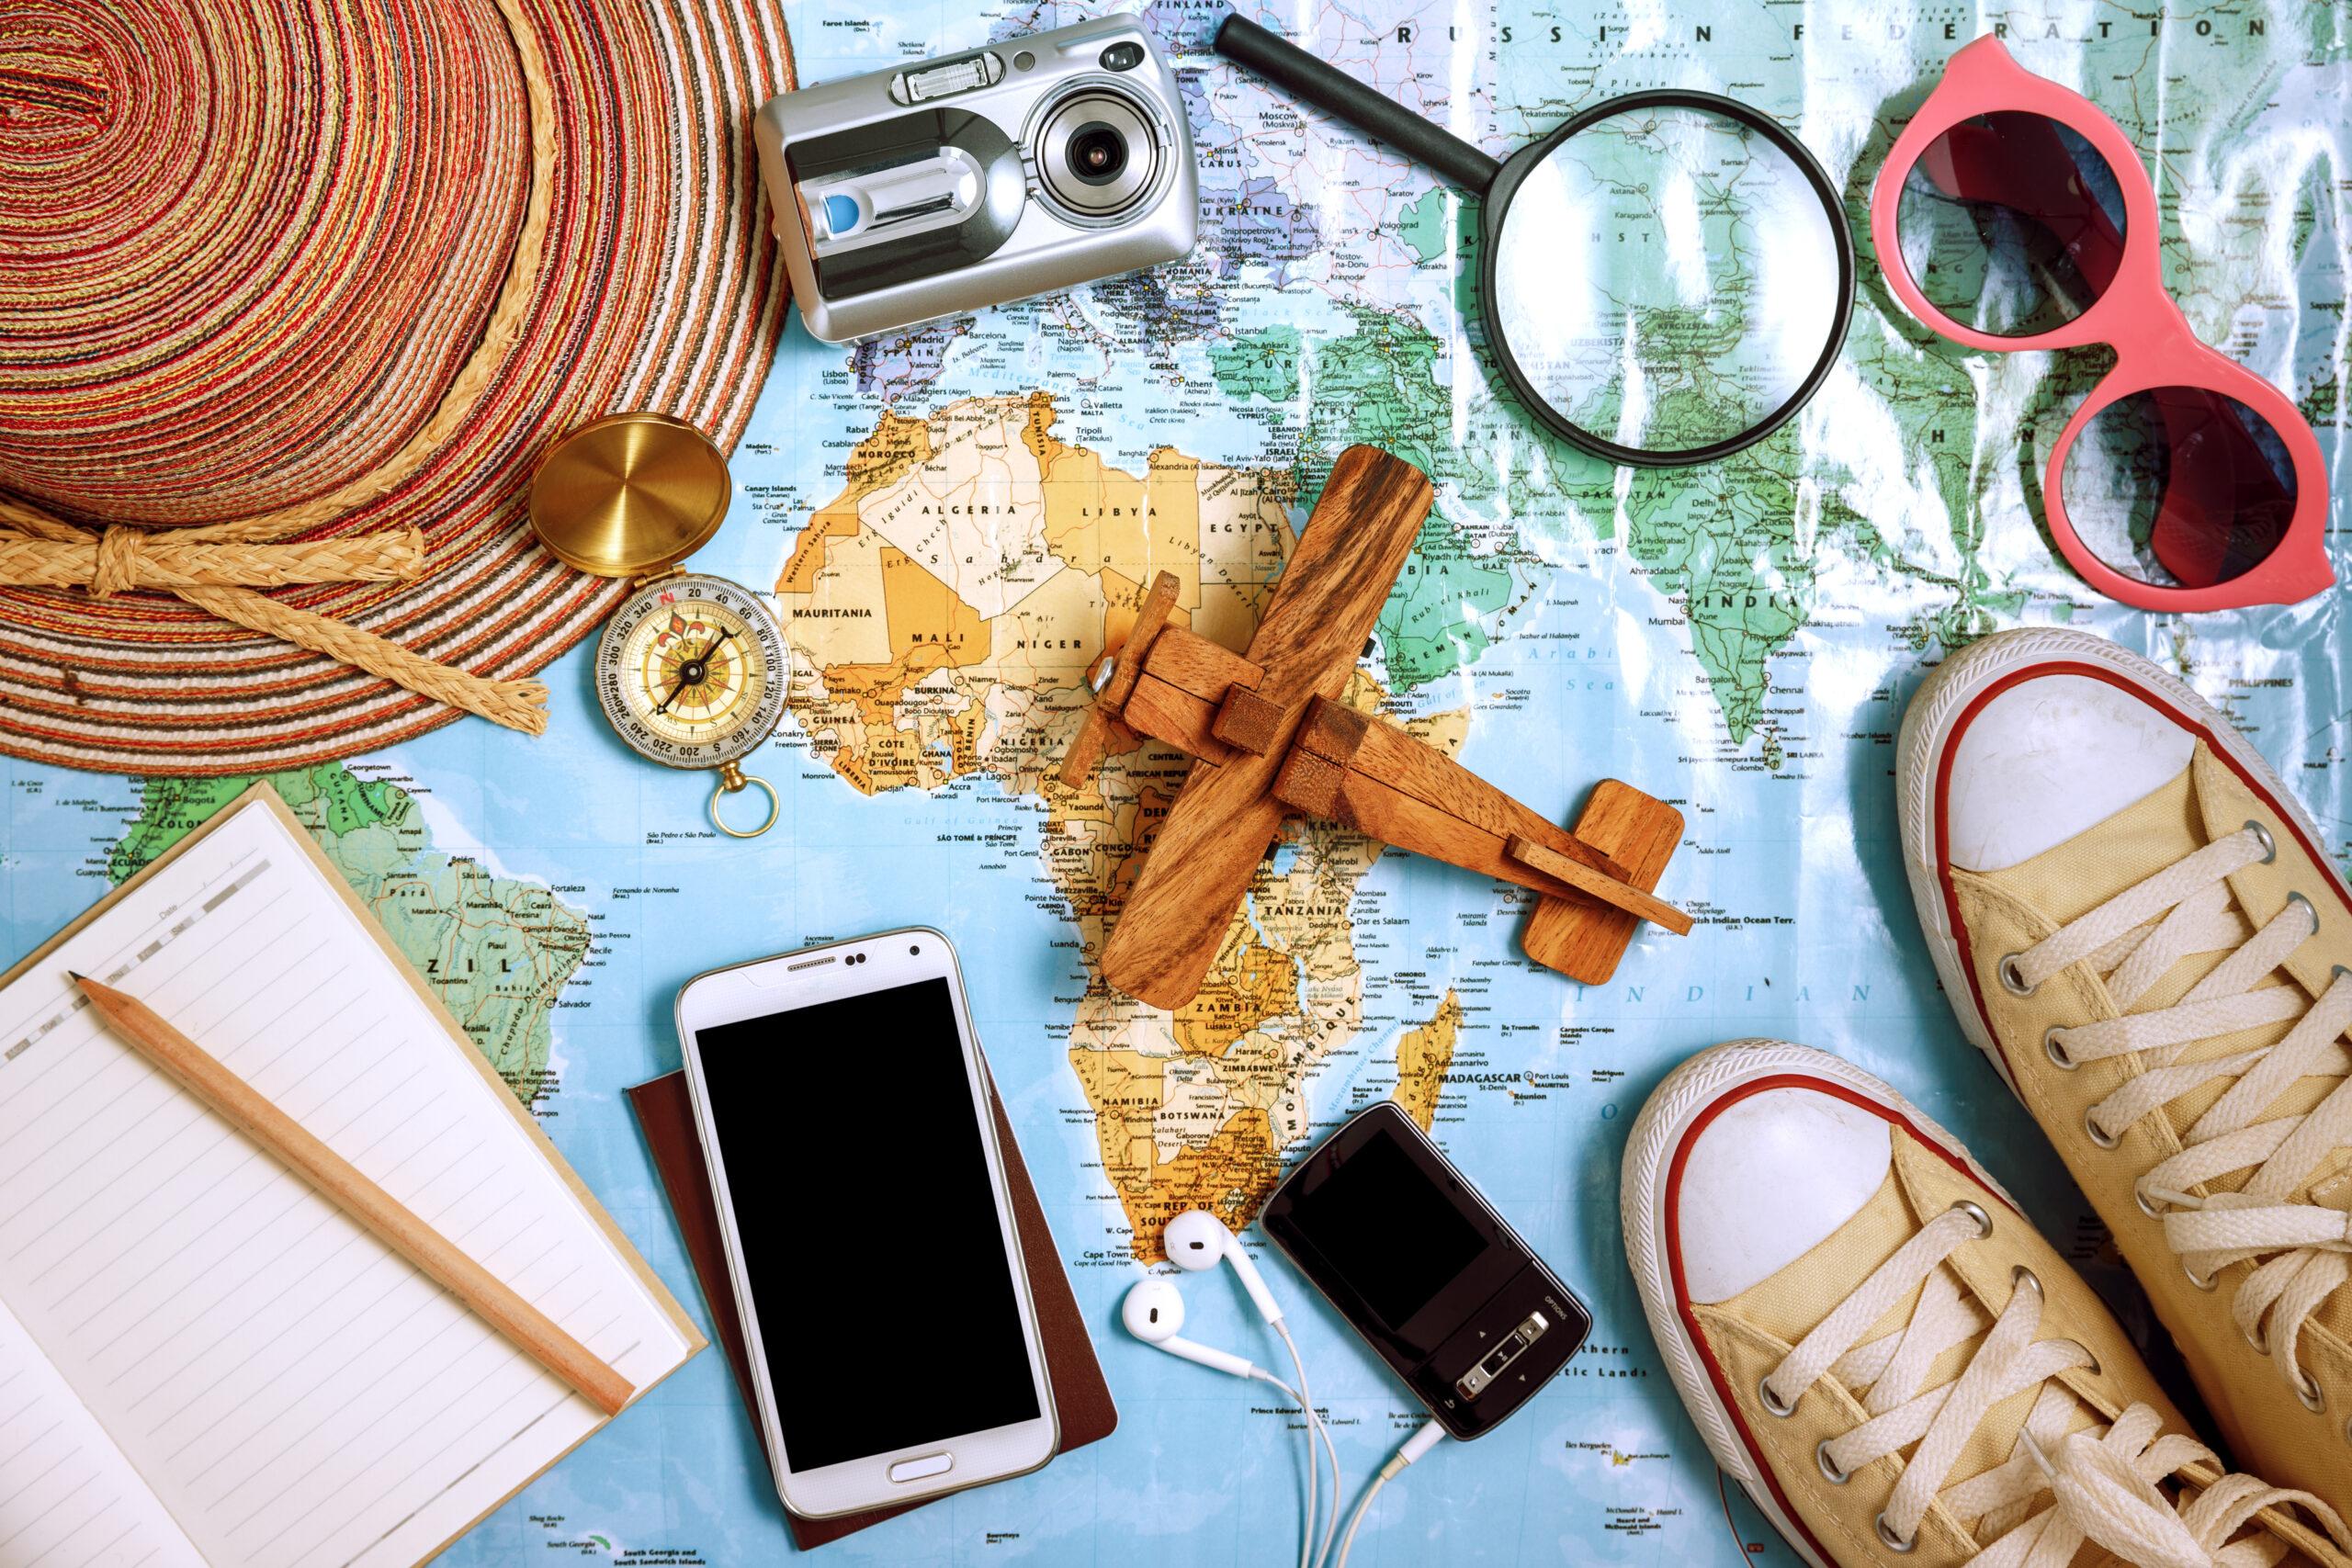 Tourism-marketing_header - blog e2ma.de